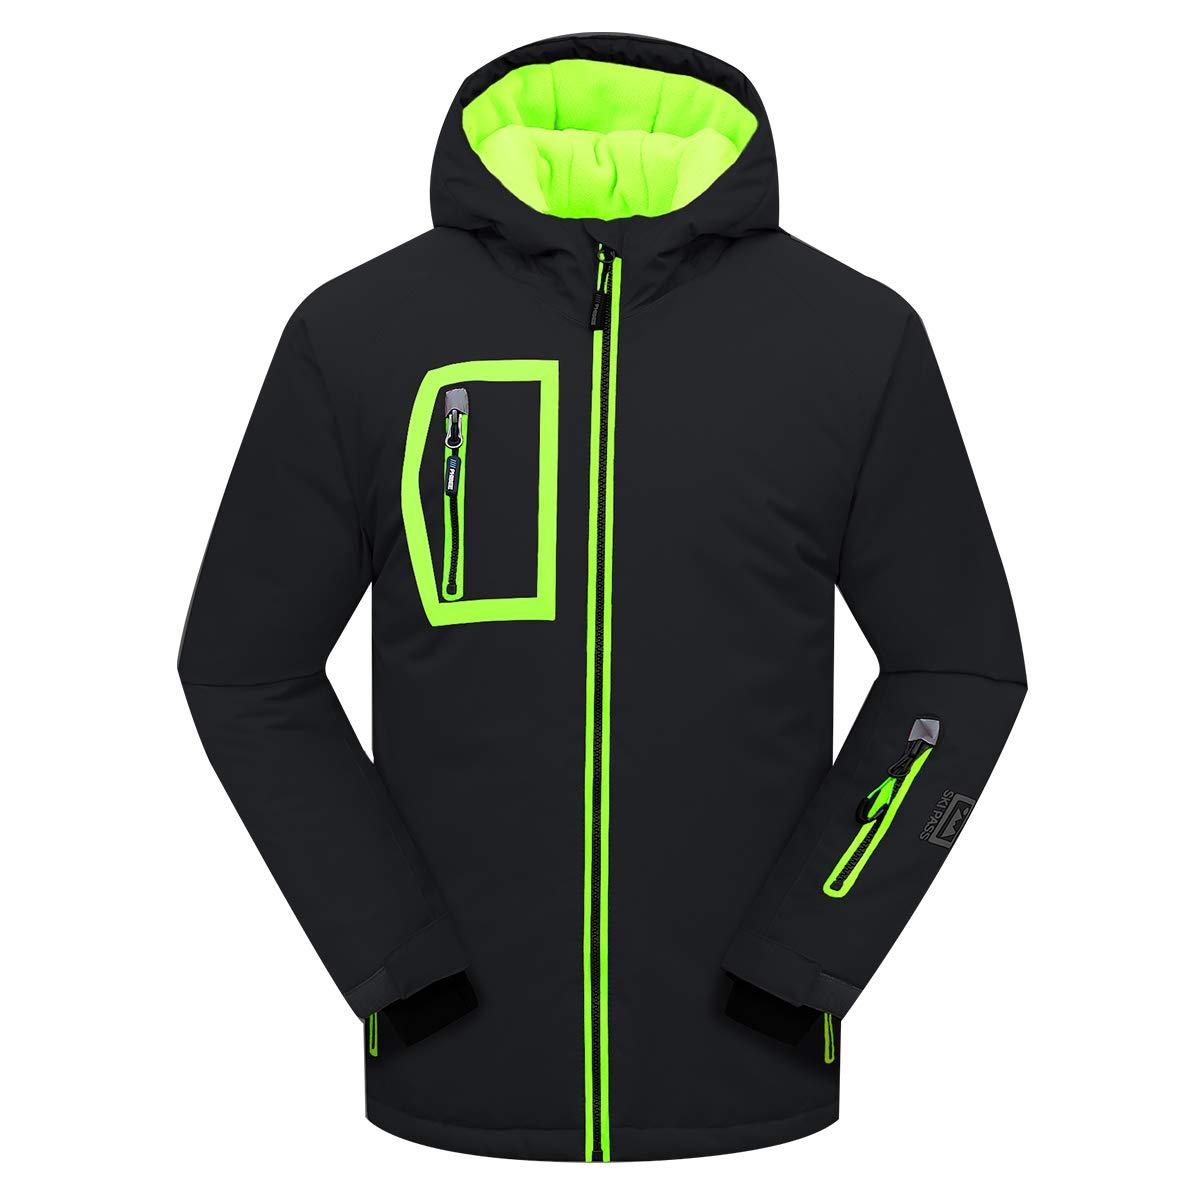 PHIBEE Men's Outdoor Waterproof Windproof Fleece Warm Ski Jacket